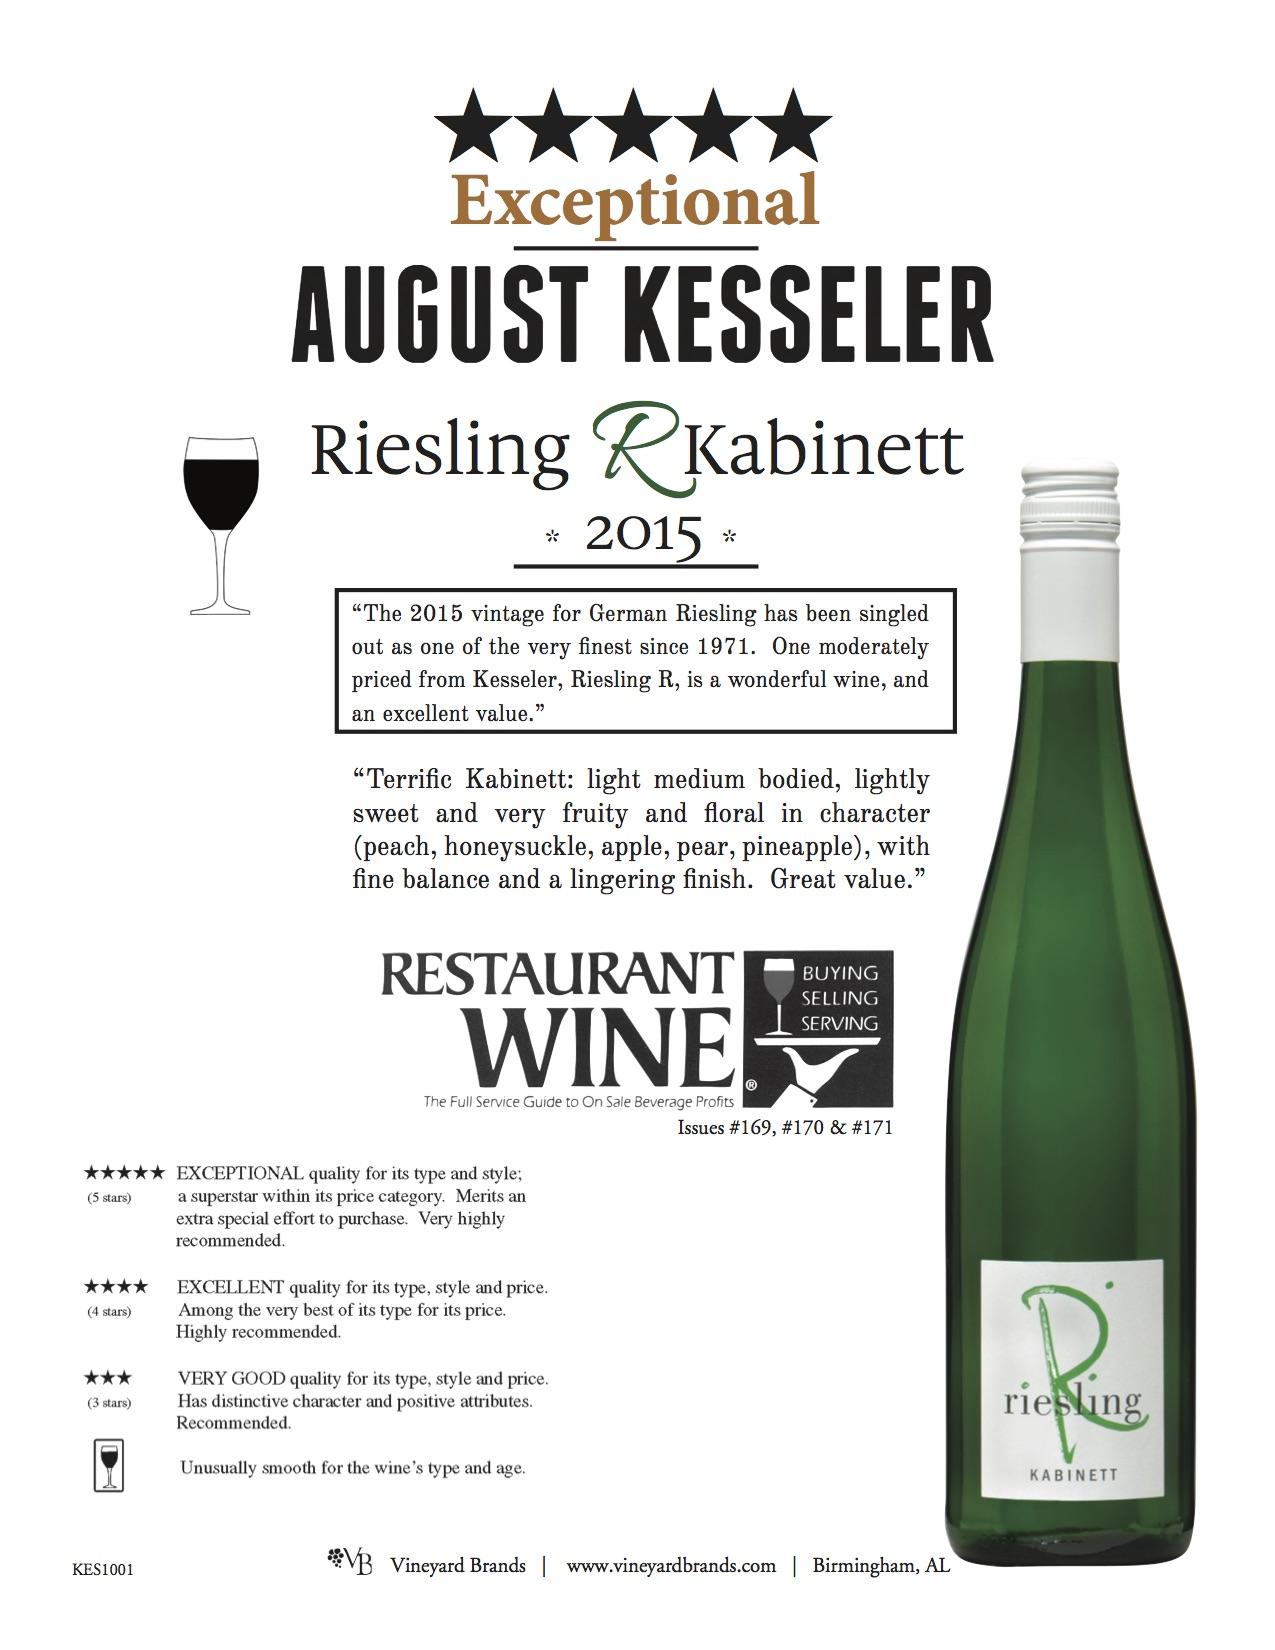 Kessler Riesling Kabinett.jpg